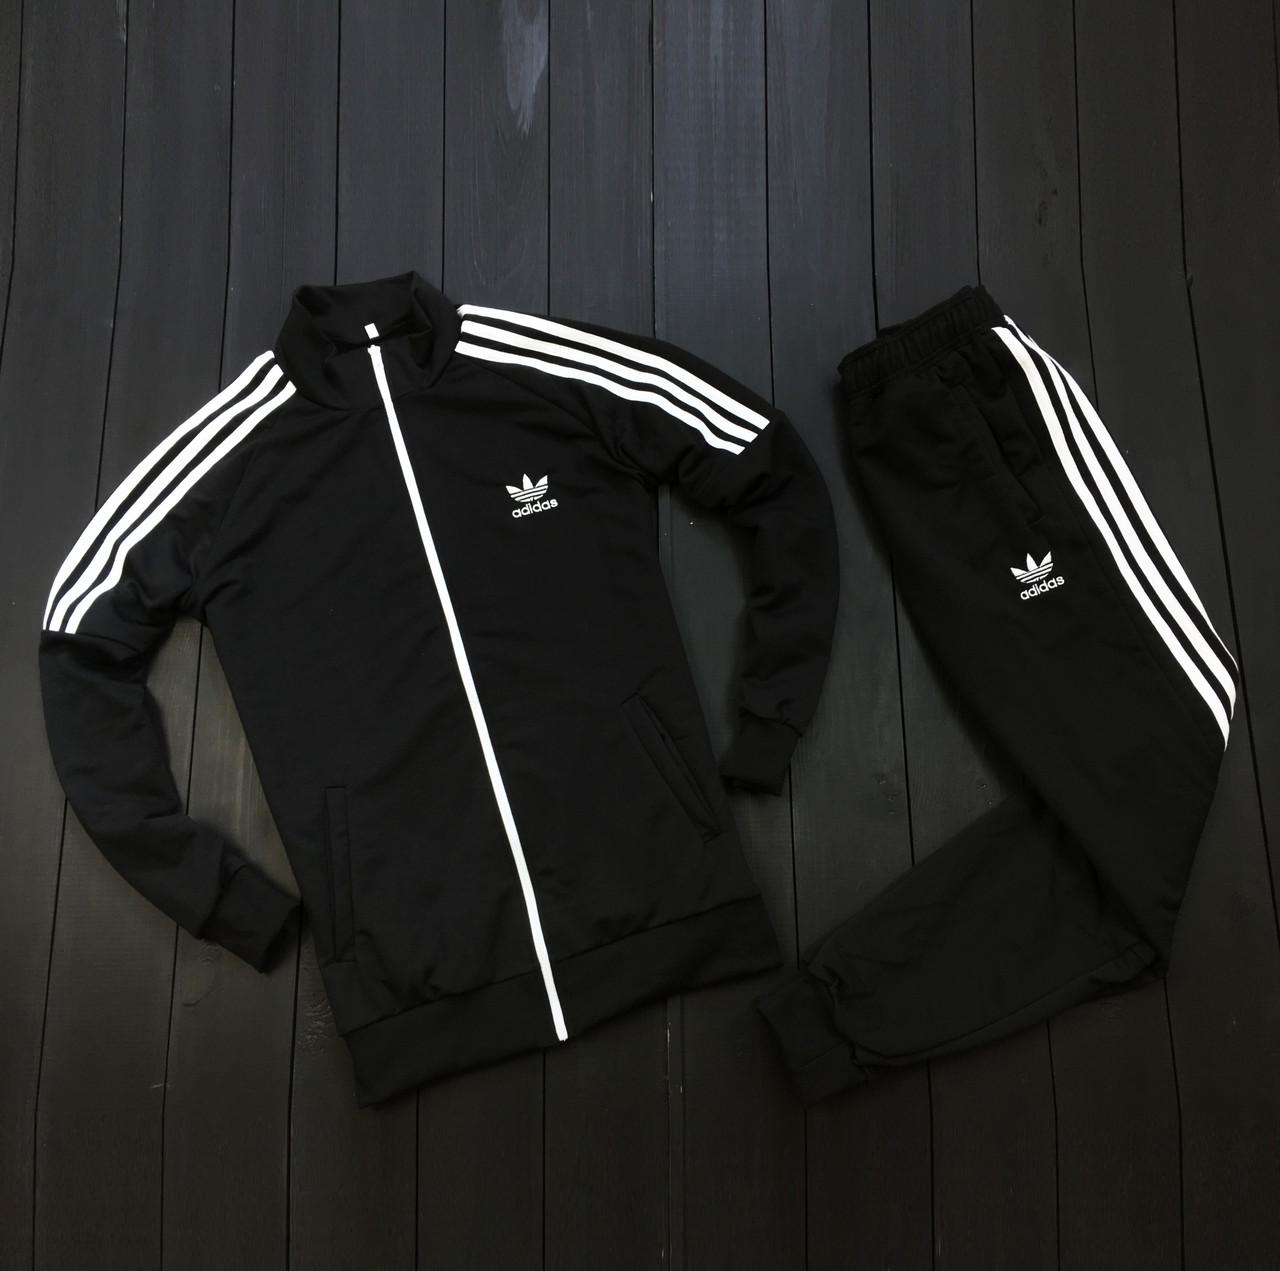 Спортивный костюм мужской стильный с лампасами адидас (adidas), (черный). Реплика